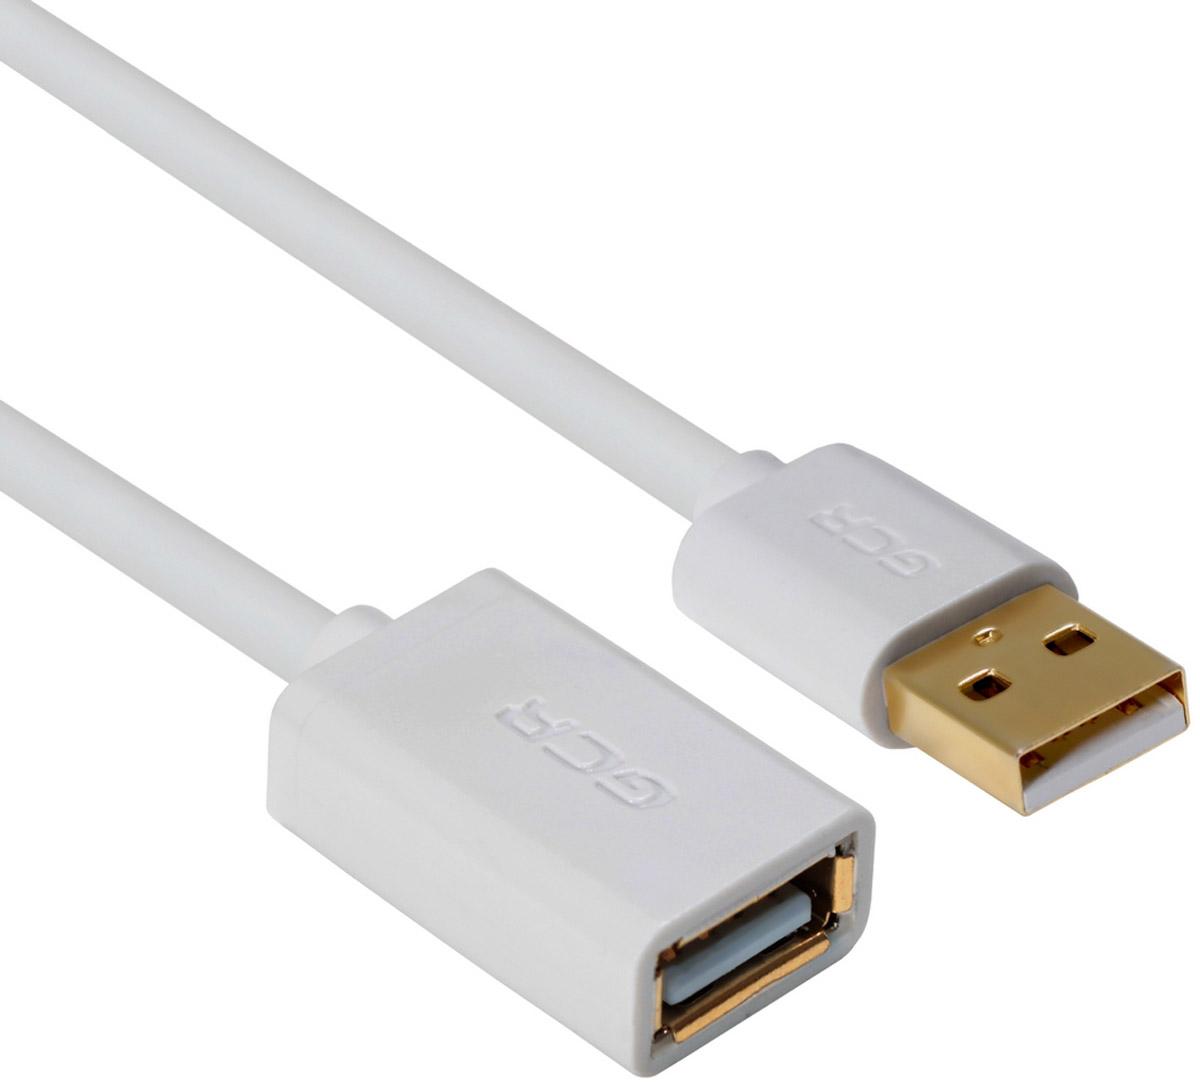 Greenconnect Russia GCR-UEC5M-AAG, White удлинитель USB 2.0 (0,75 м)GCR-UEC5M-AAG-0.75mКабель-удлинитель USB 2.0 Greenconnect Russia GCR-UEC5M-AAG позволит увеличить расстояние до подключаемого устройства. Может быть использован с различными USB девайсами. Экранирование кабеля защищает сигнал при передаче от влияния внешних полей, способных создать помехи.